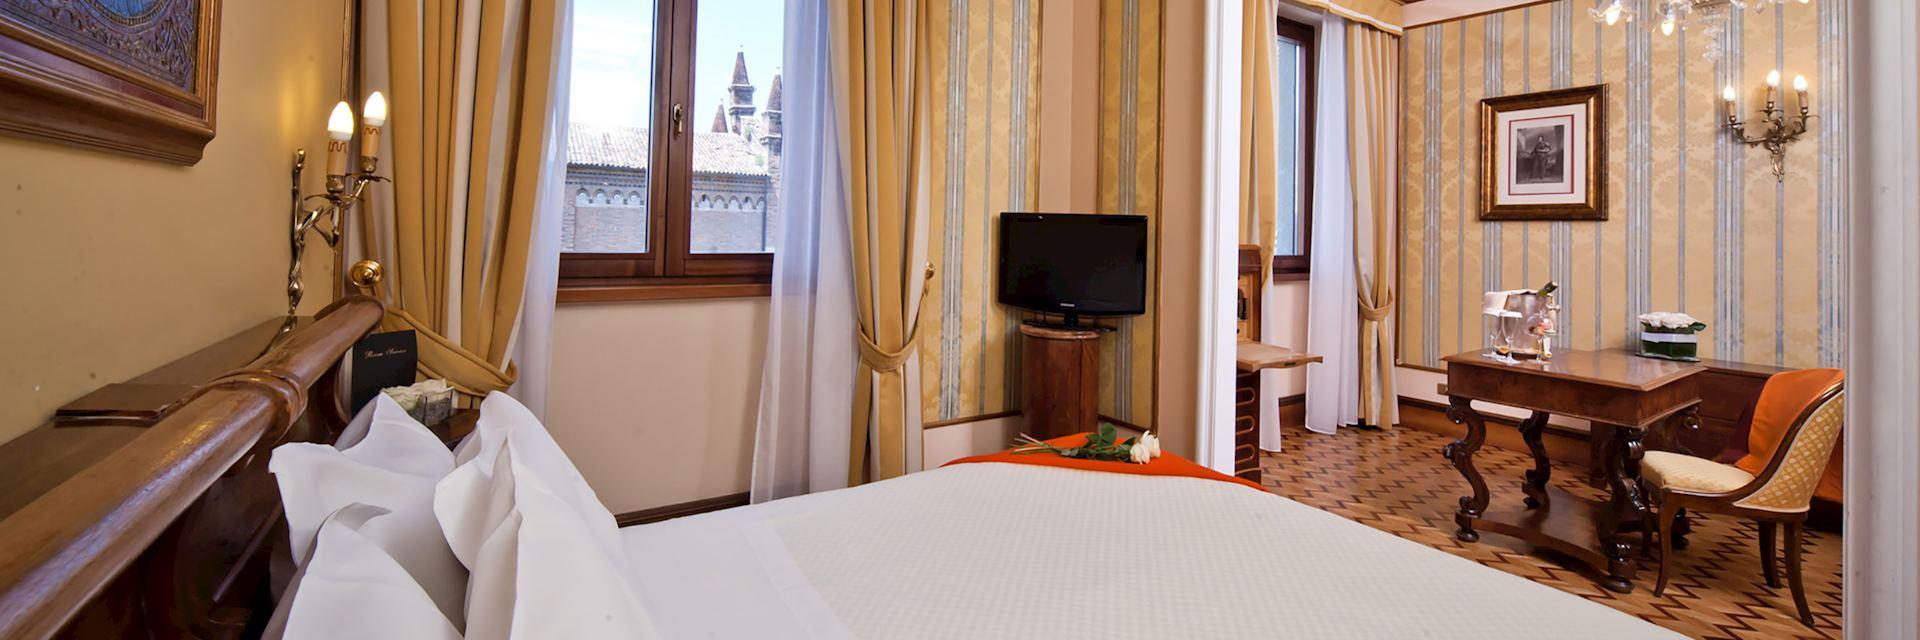 Due Torri Hotel, Verona